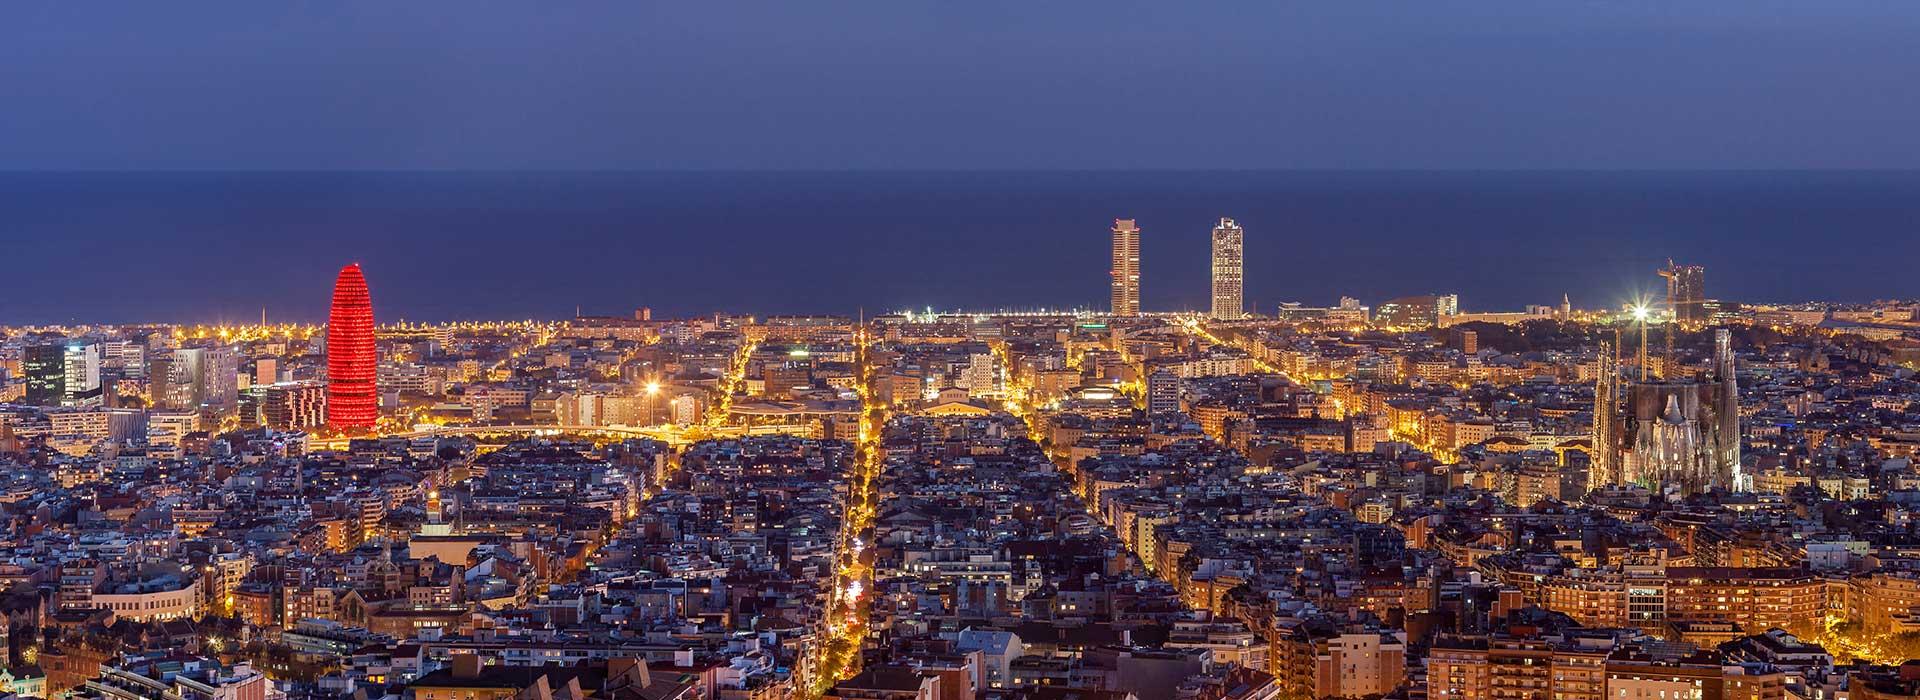 ברצלונה בלילה, כל העיר פרושה על אורותיה עם הים ברקע